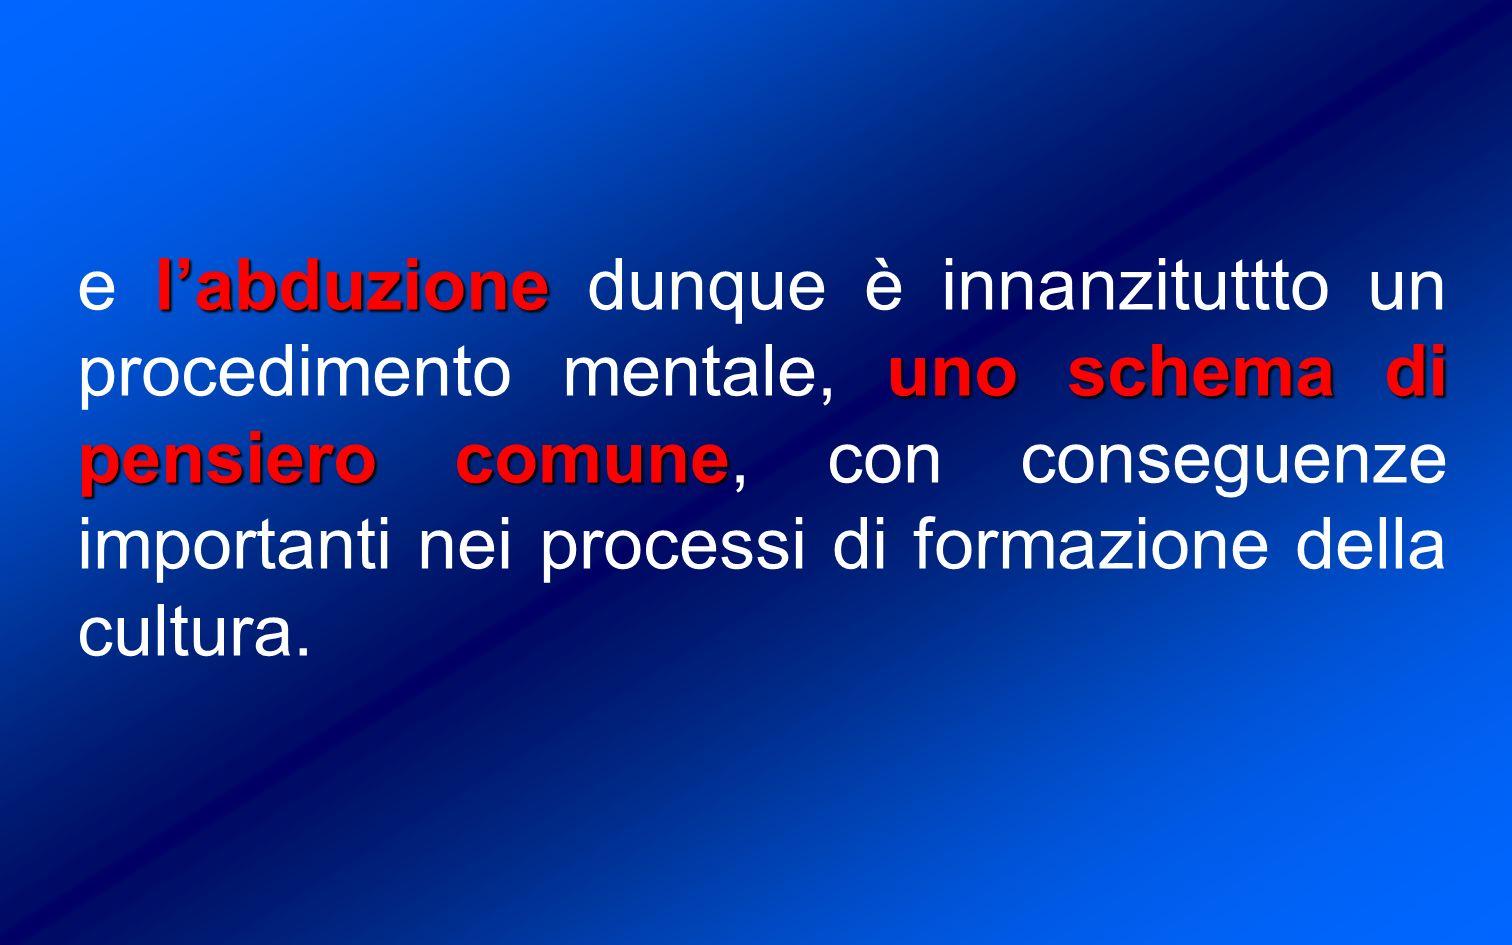 e l'abduzione dunque è innanzituttto un procedimento mentale, uno schema di pensiero comune, con conseguenze importanti nei processi di formazione della cultura.